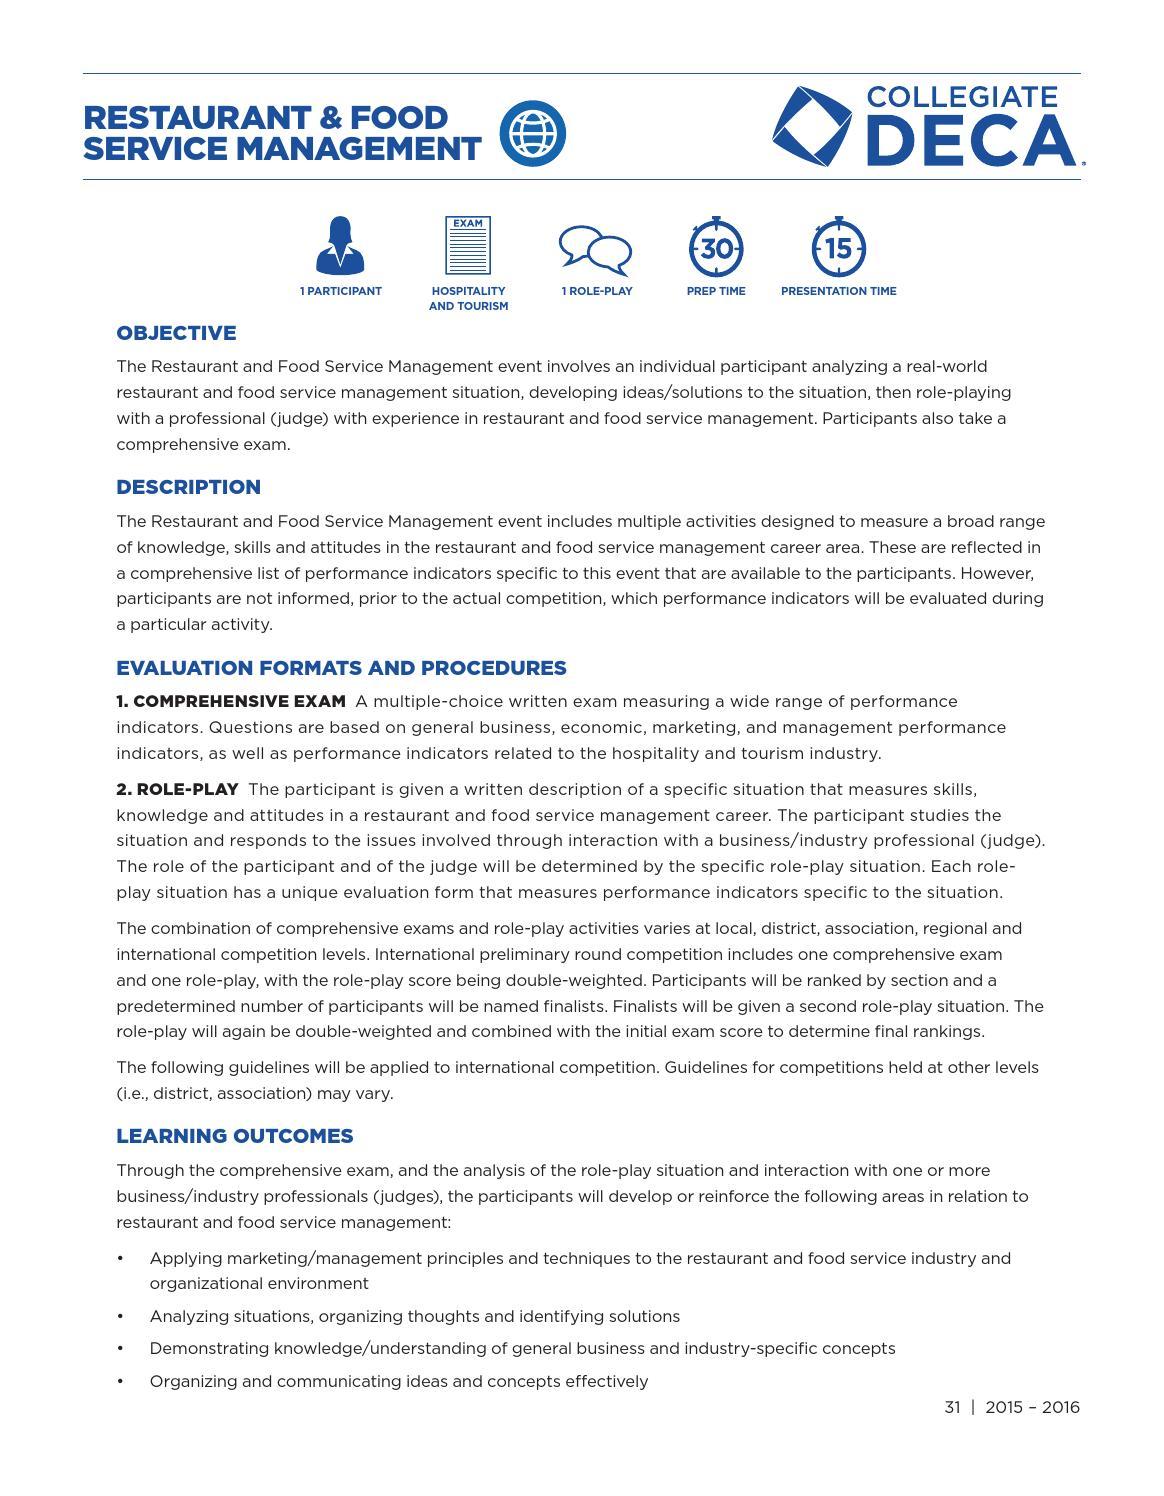 Collegiate DECA Guide 2015-16 by DECA Inc  - issuu